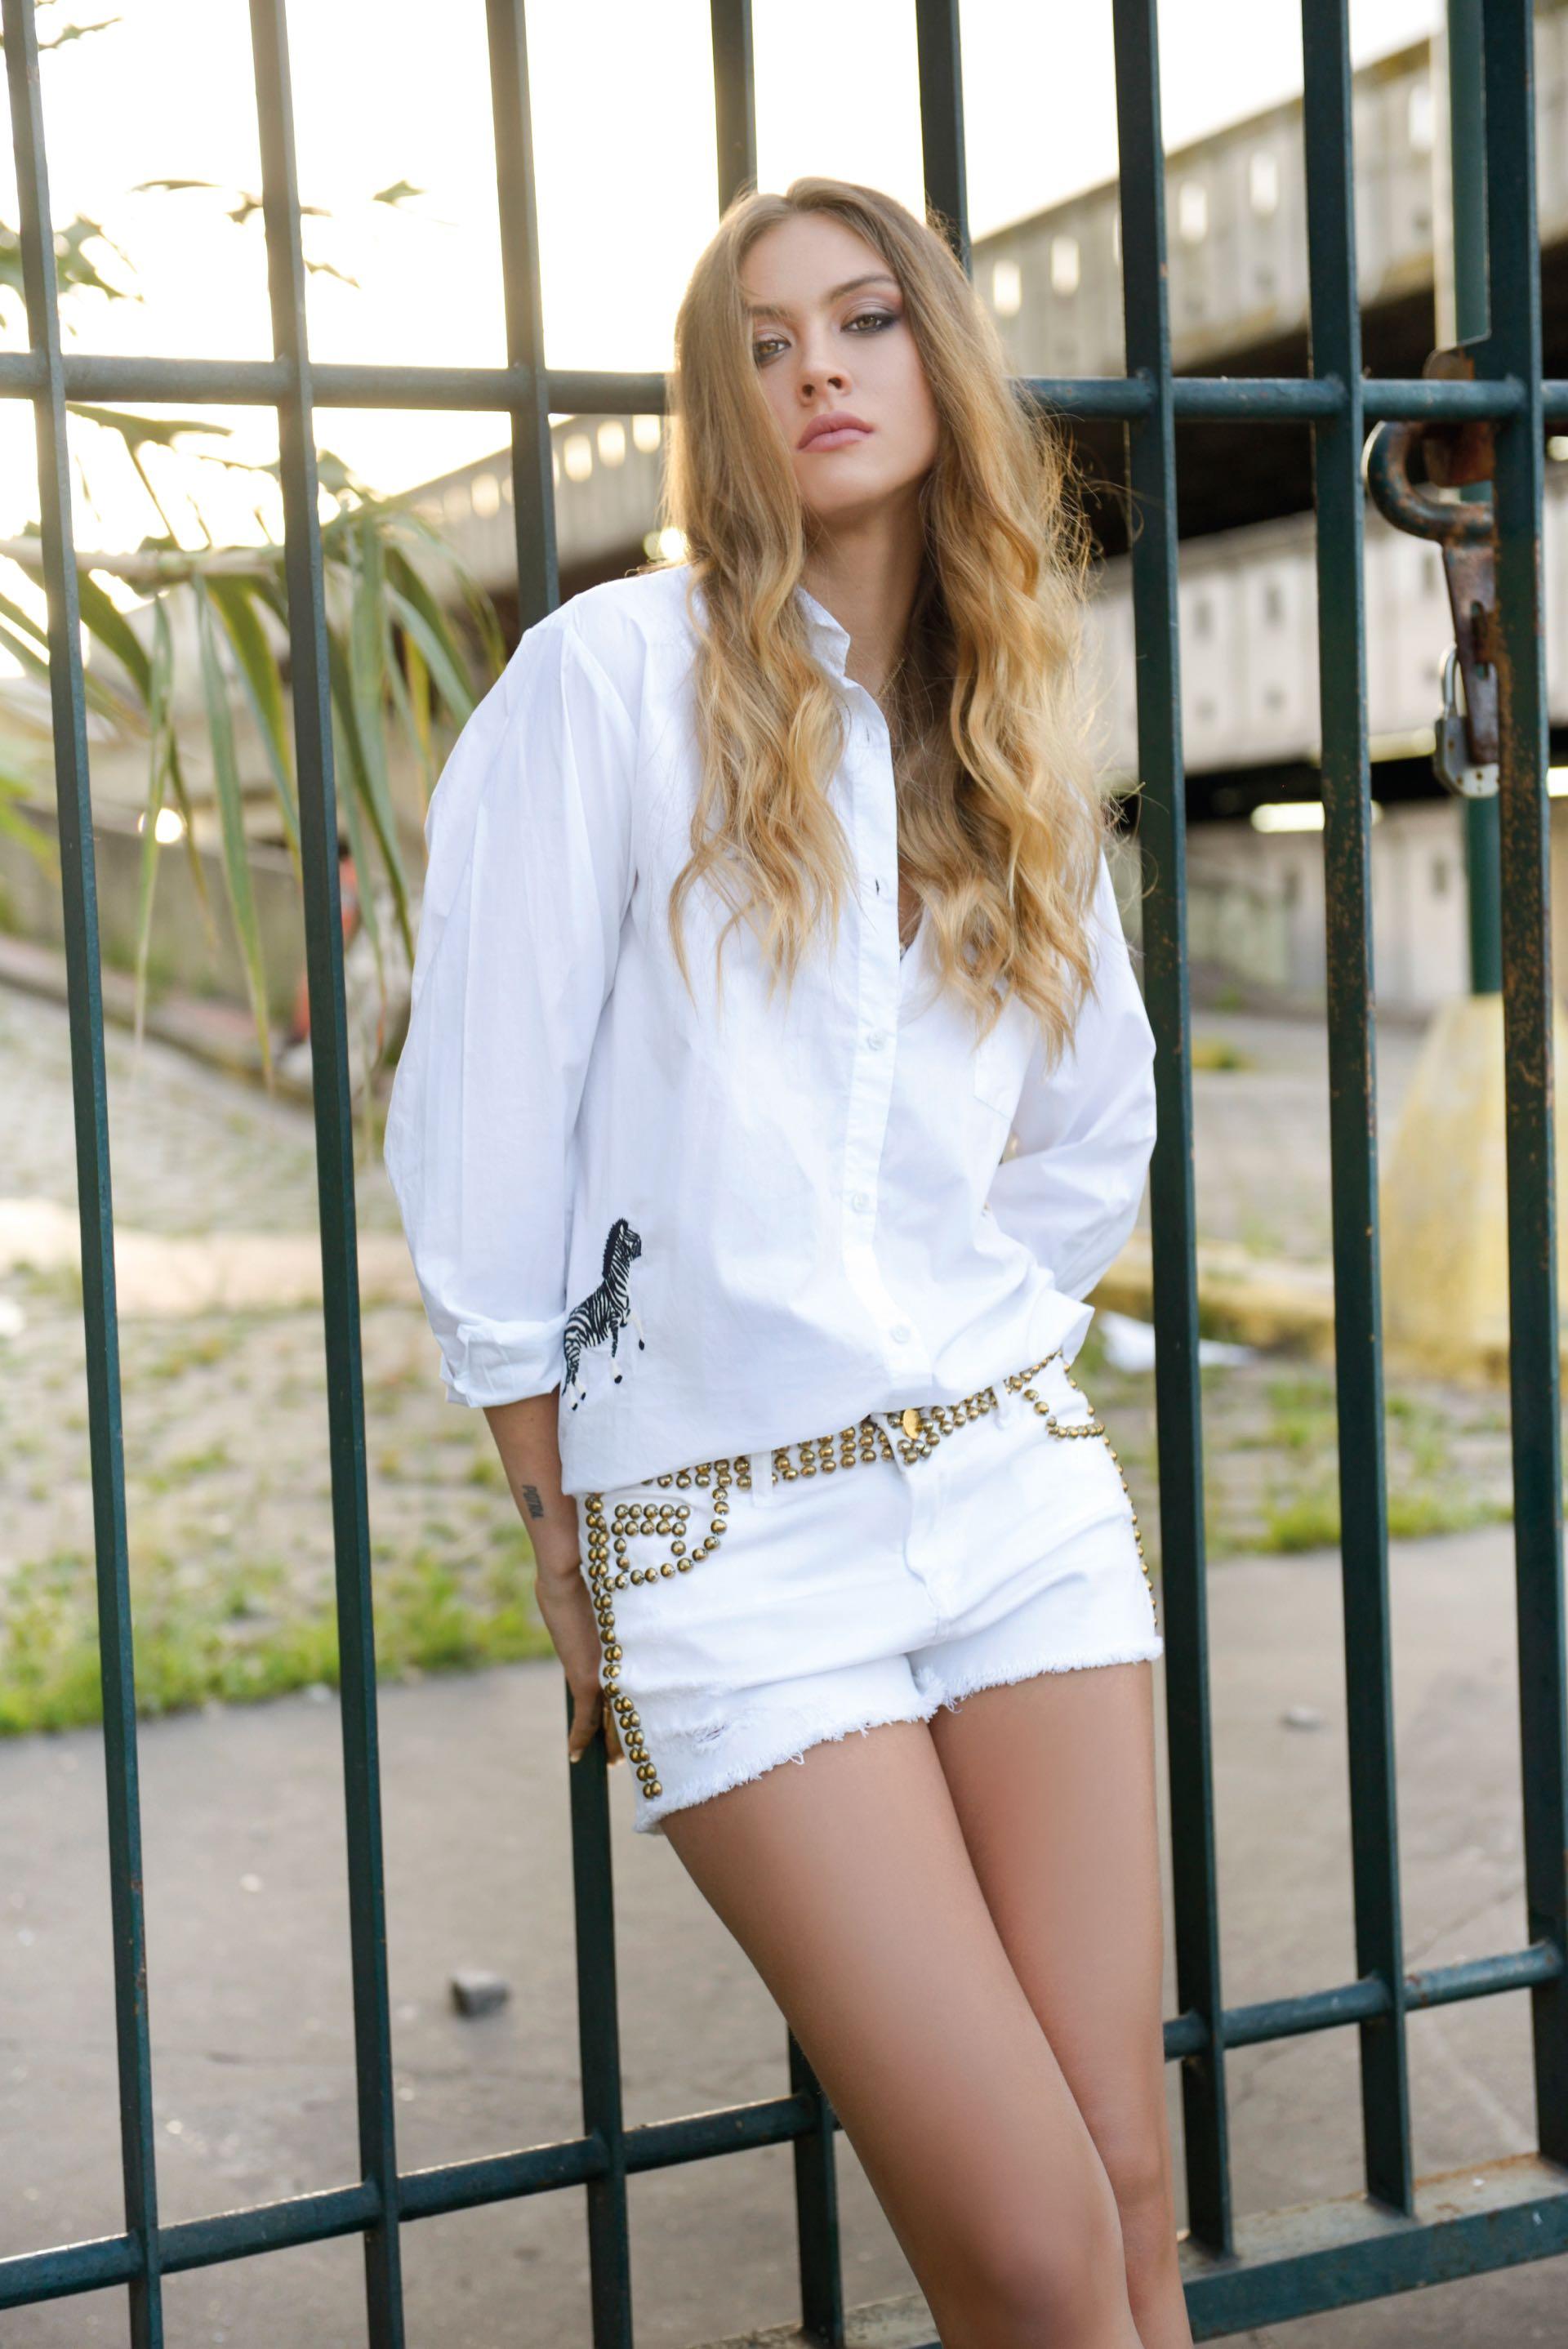 Camisa oversize con apliques bordados (Kosiuko) y short de jean blanco con tachas (Ginebra). (Foto Conejo Collins/ Para Ti)